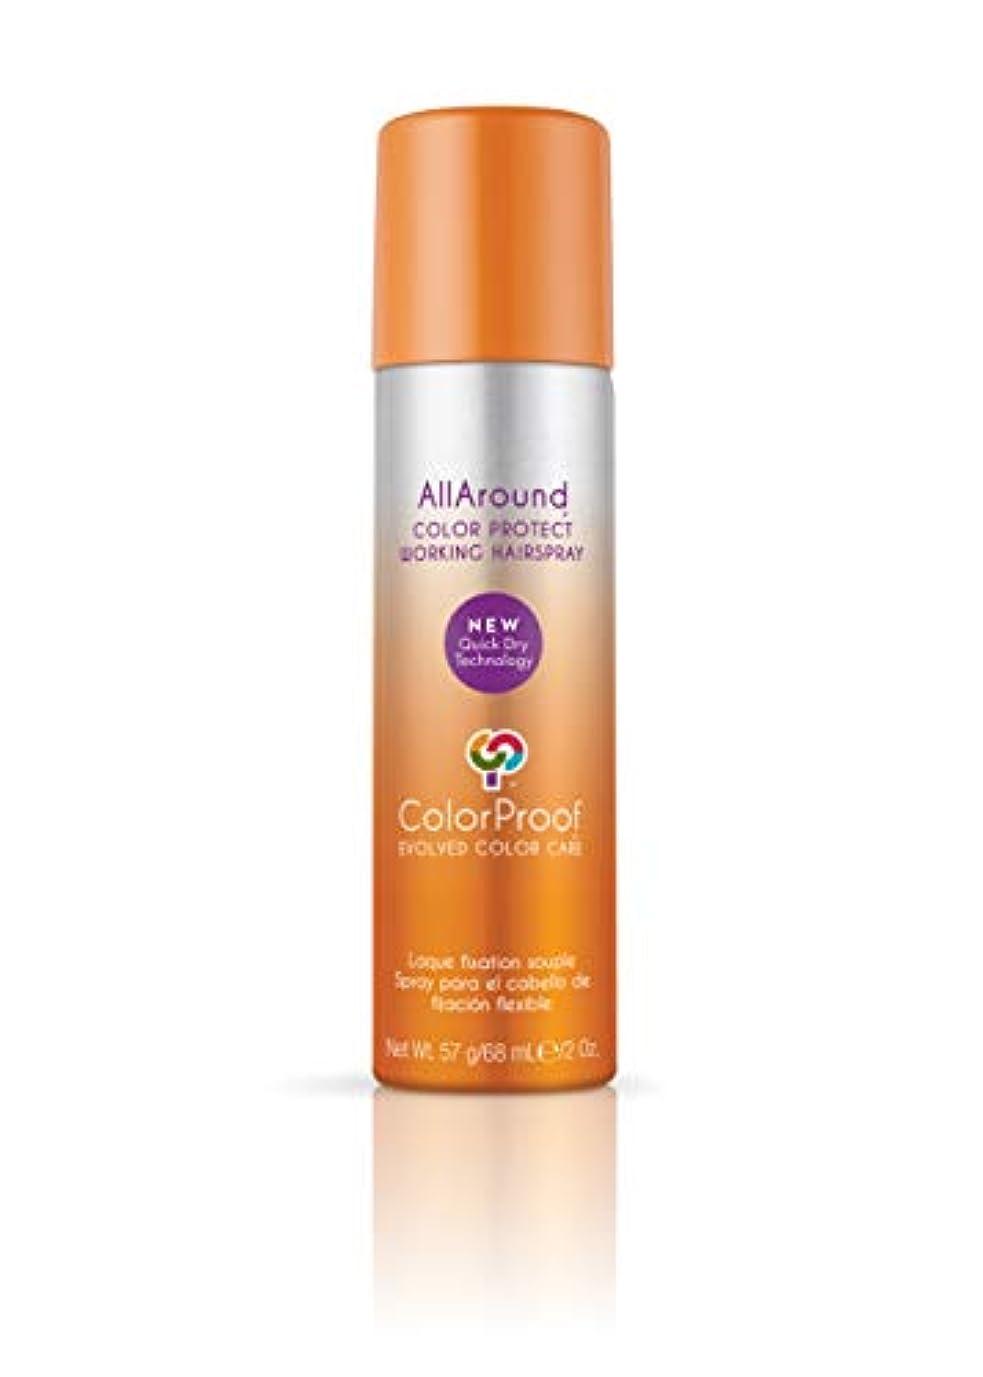 雰囲気反響する有限ColorProof Evolved Color Care ColorProof色ケア当局オールアラウンド色ワーキングヘアスプレー、2オズの保護 2オンス オレンジ